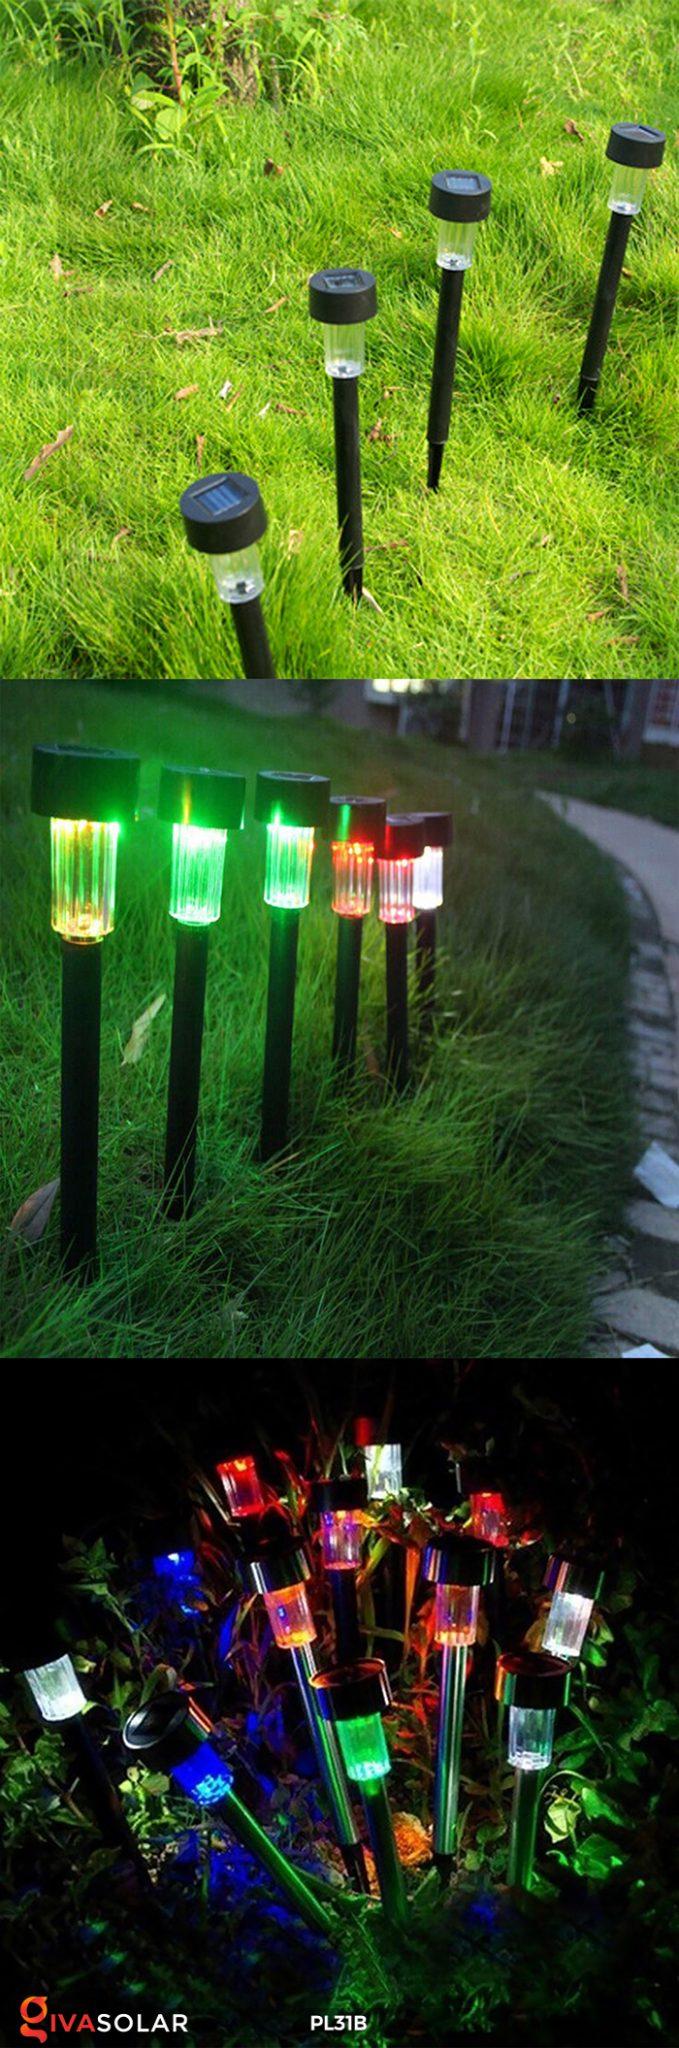 Đèn LED cắm đất sử dụng năng lượng mặt trời PL31B 8